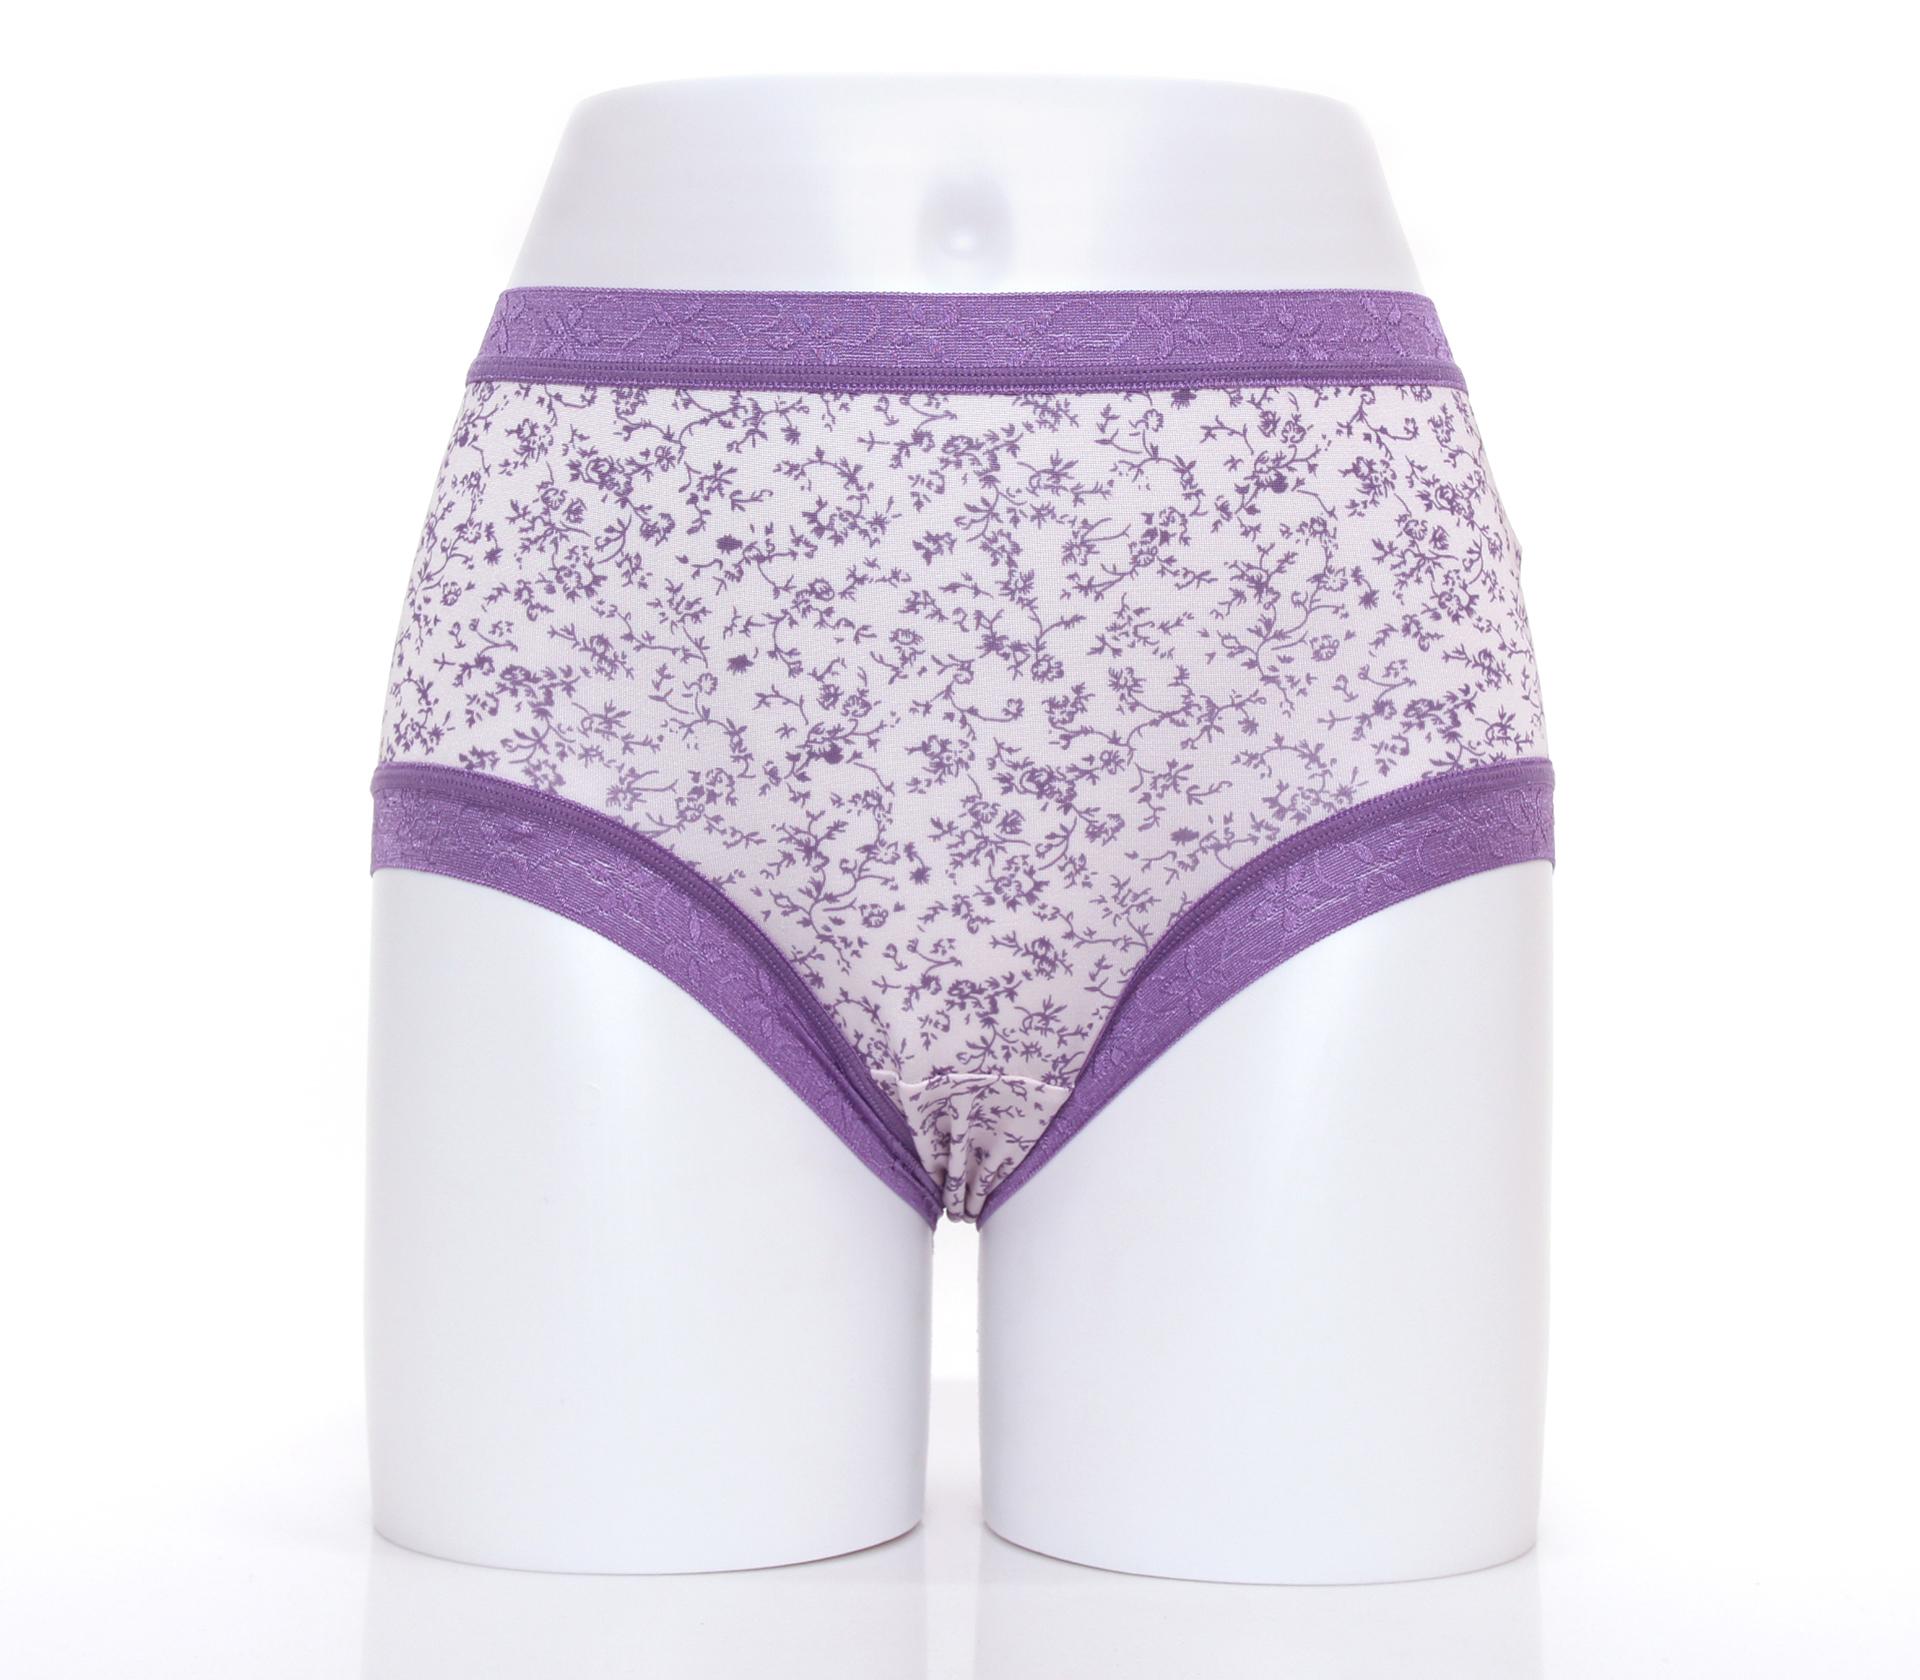 闕蘭絹日系零著感100%蠶絲內褲-88110(印花紫)